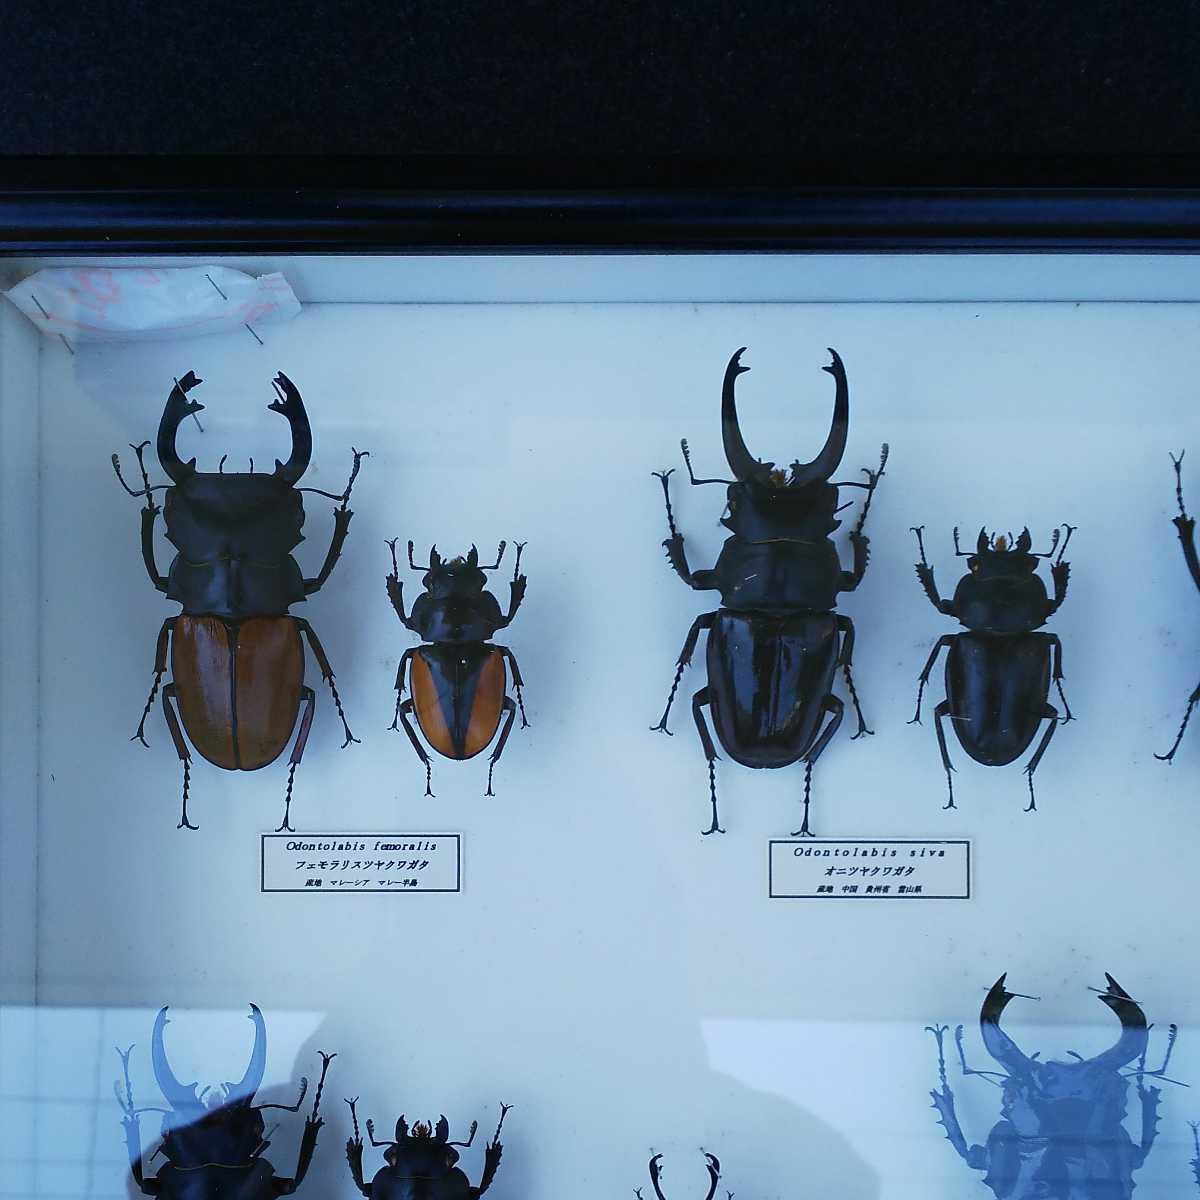 値段交渉OK 昆虫標本 クワガタ No3 28頭 ドイツ箱_画像2